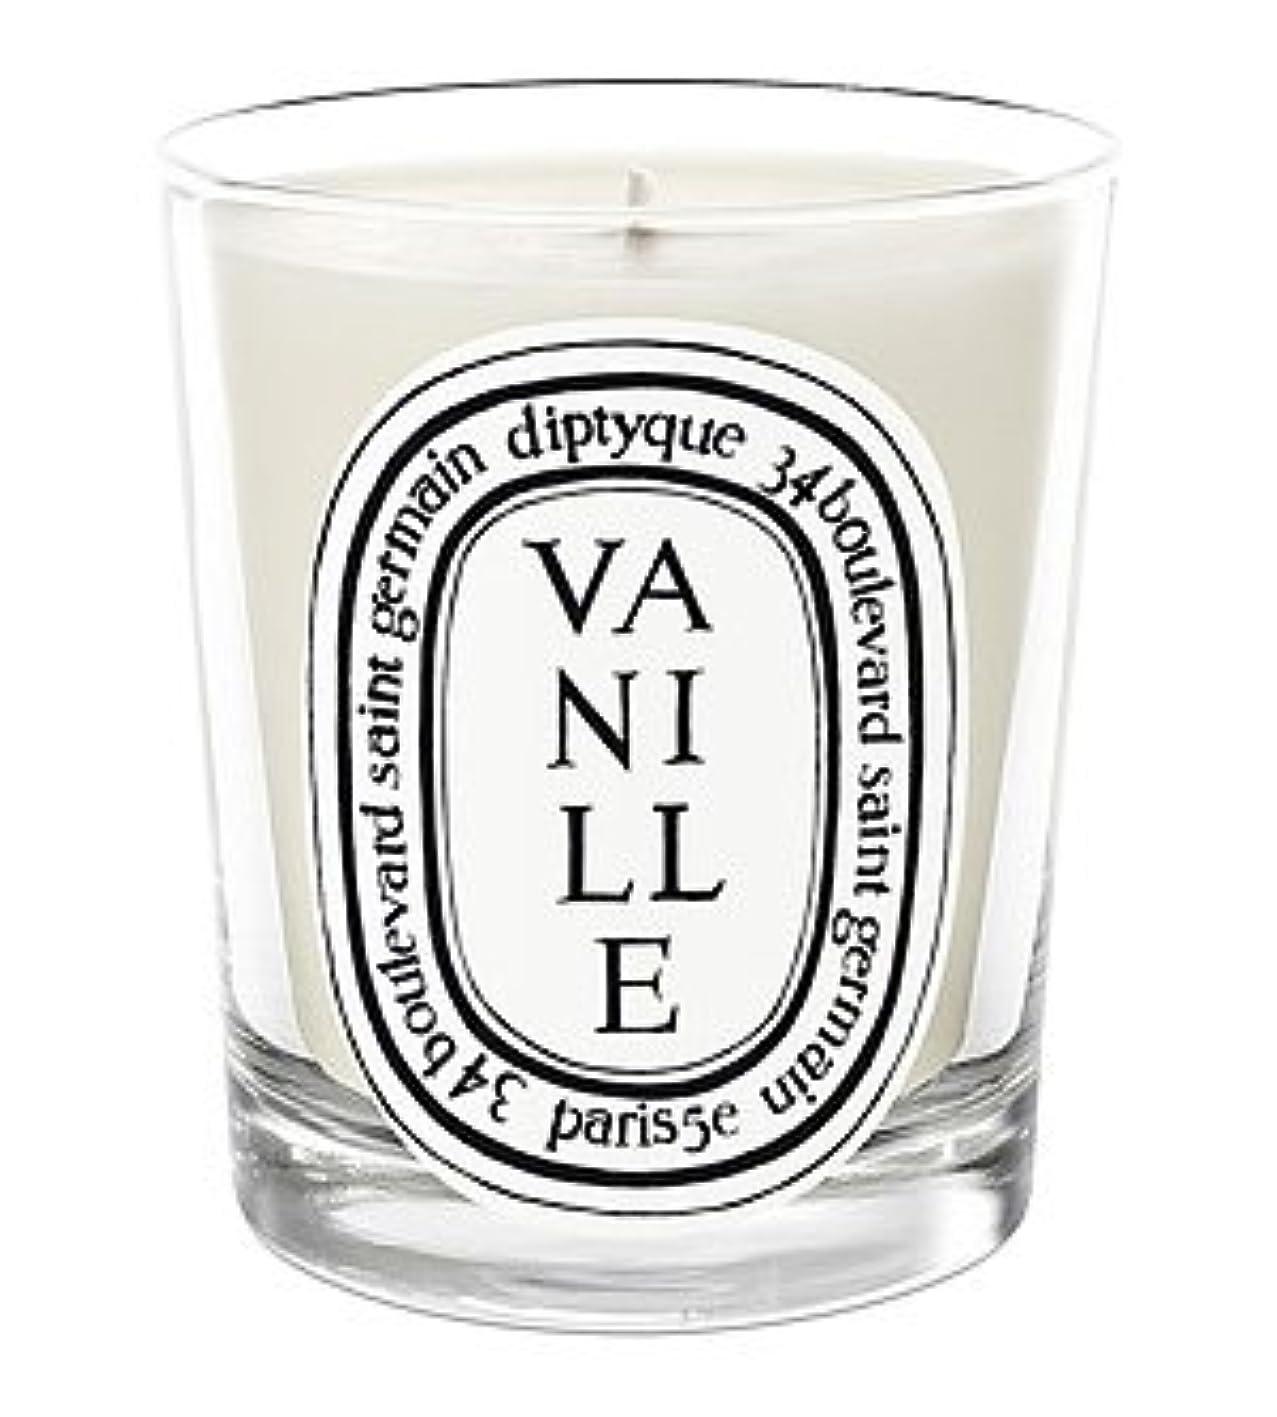 豊富に十一バリーディプティック Scented Candle - Vanille (Vanilla) 70g/2.4oz並行輸入品